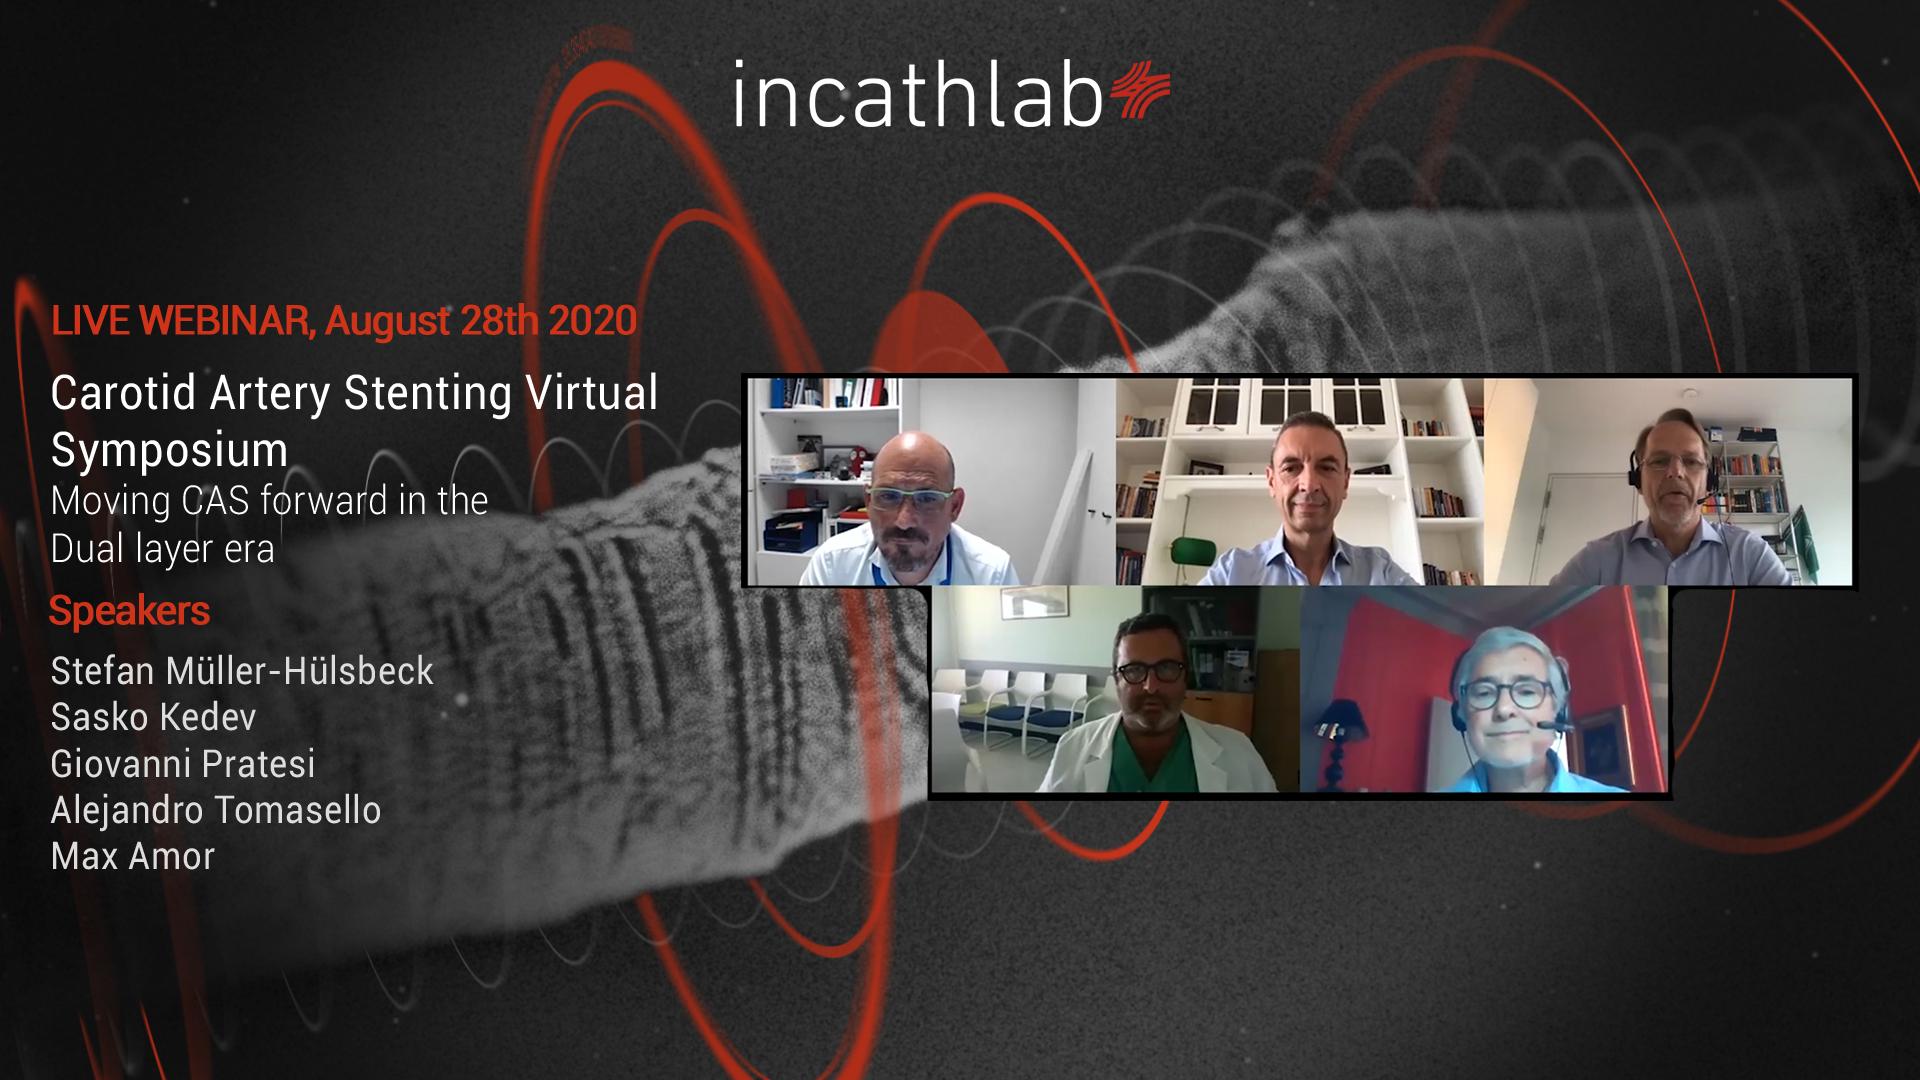 Carotid Artery Stenting Virtual Symposium